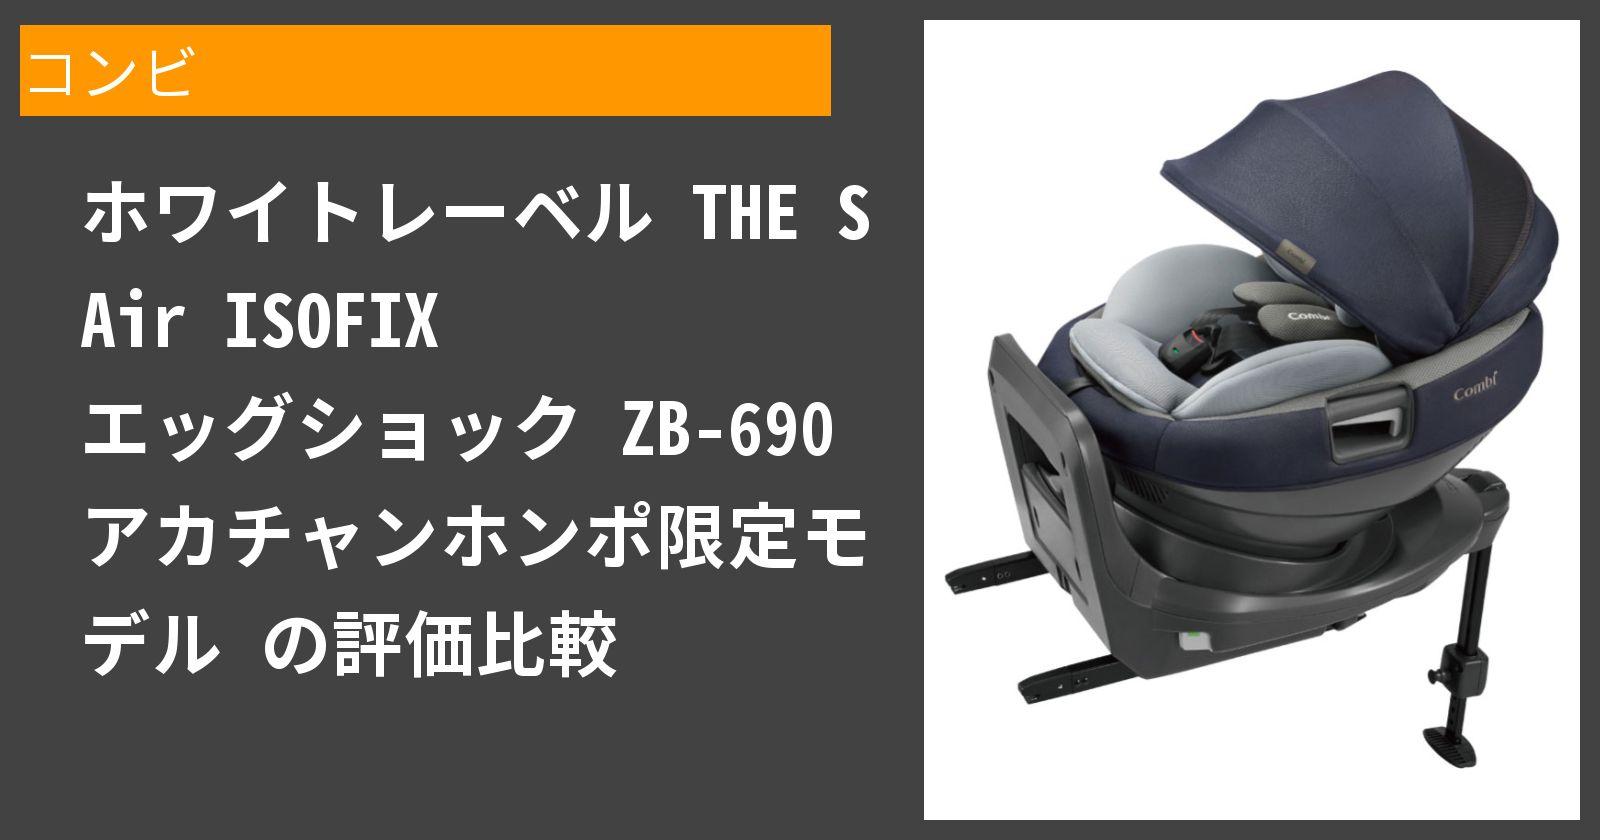 ホワイトレーベル THE S Air ISOFIX エッグショック ZB-690 アカチャンホンポ限定モデルを徹底評価